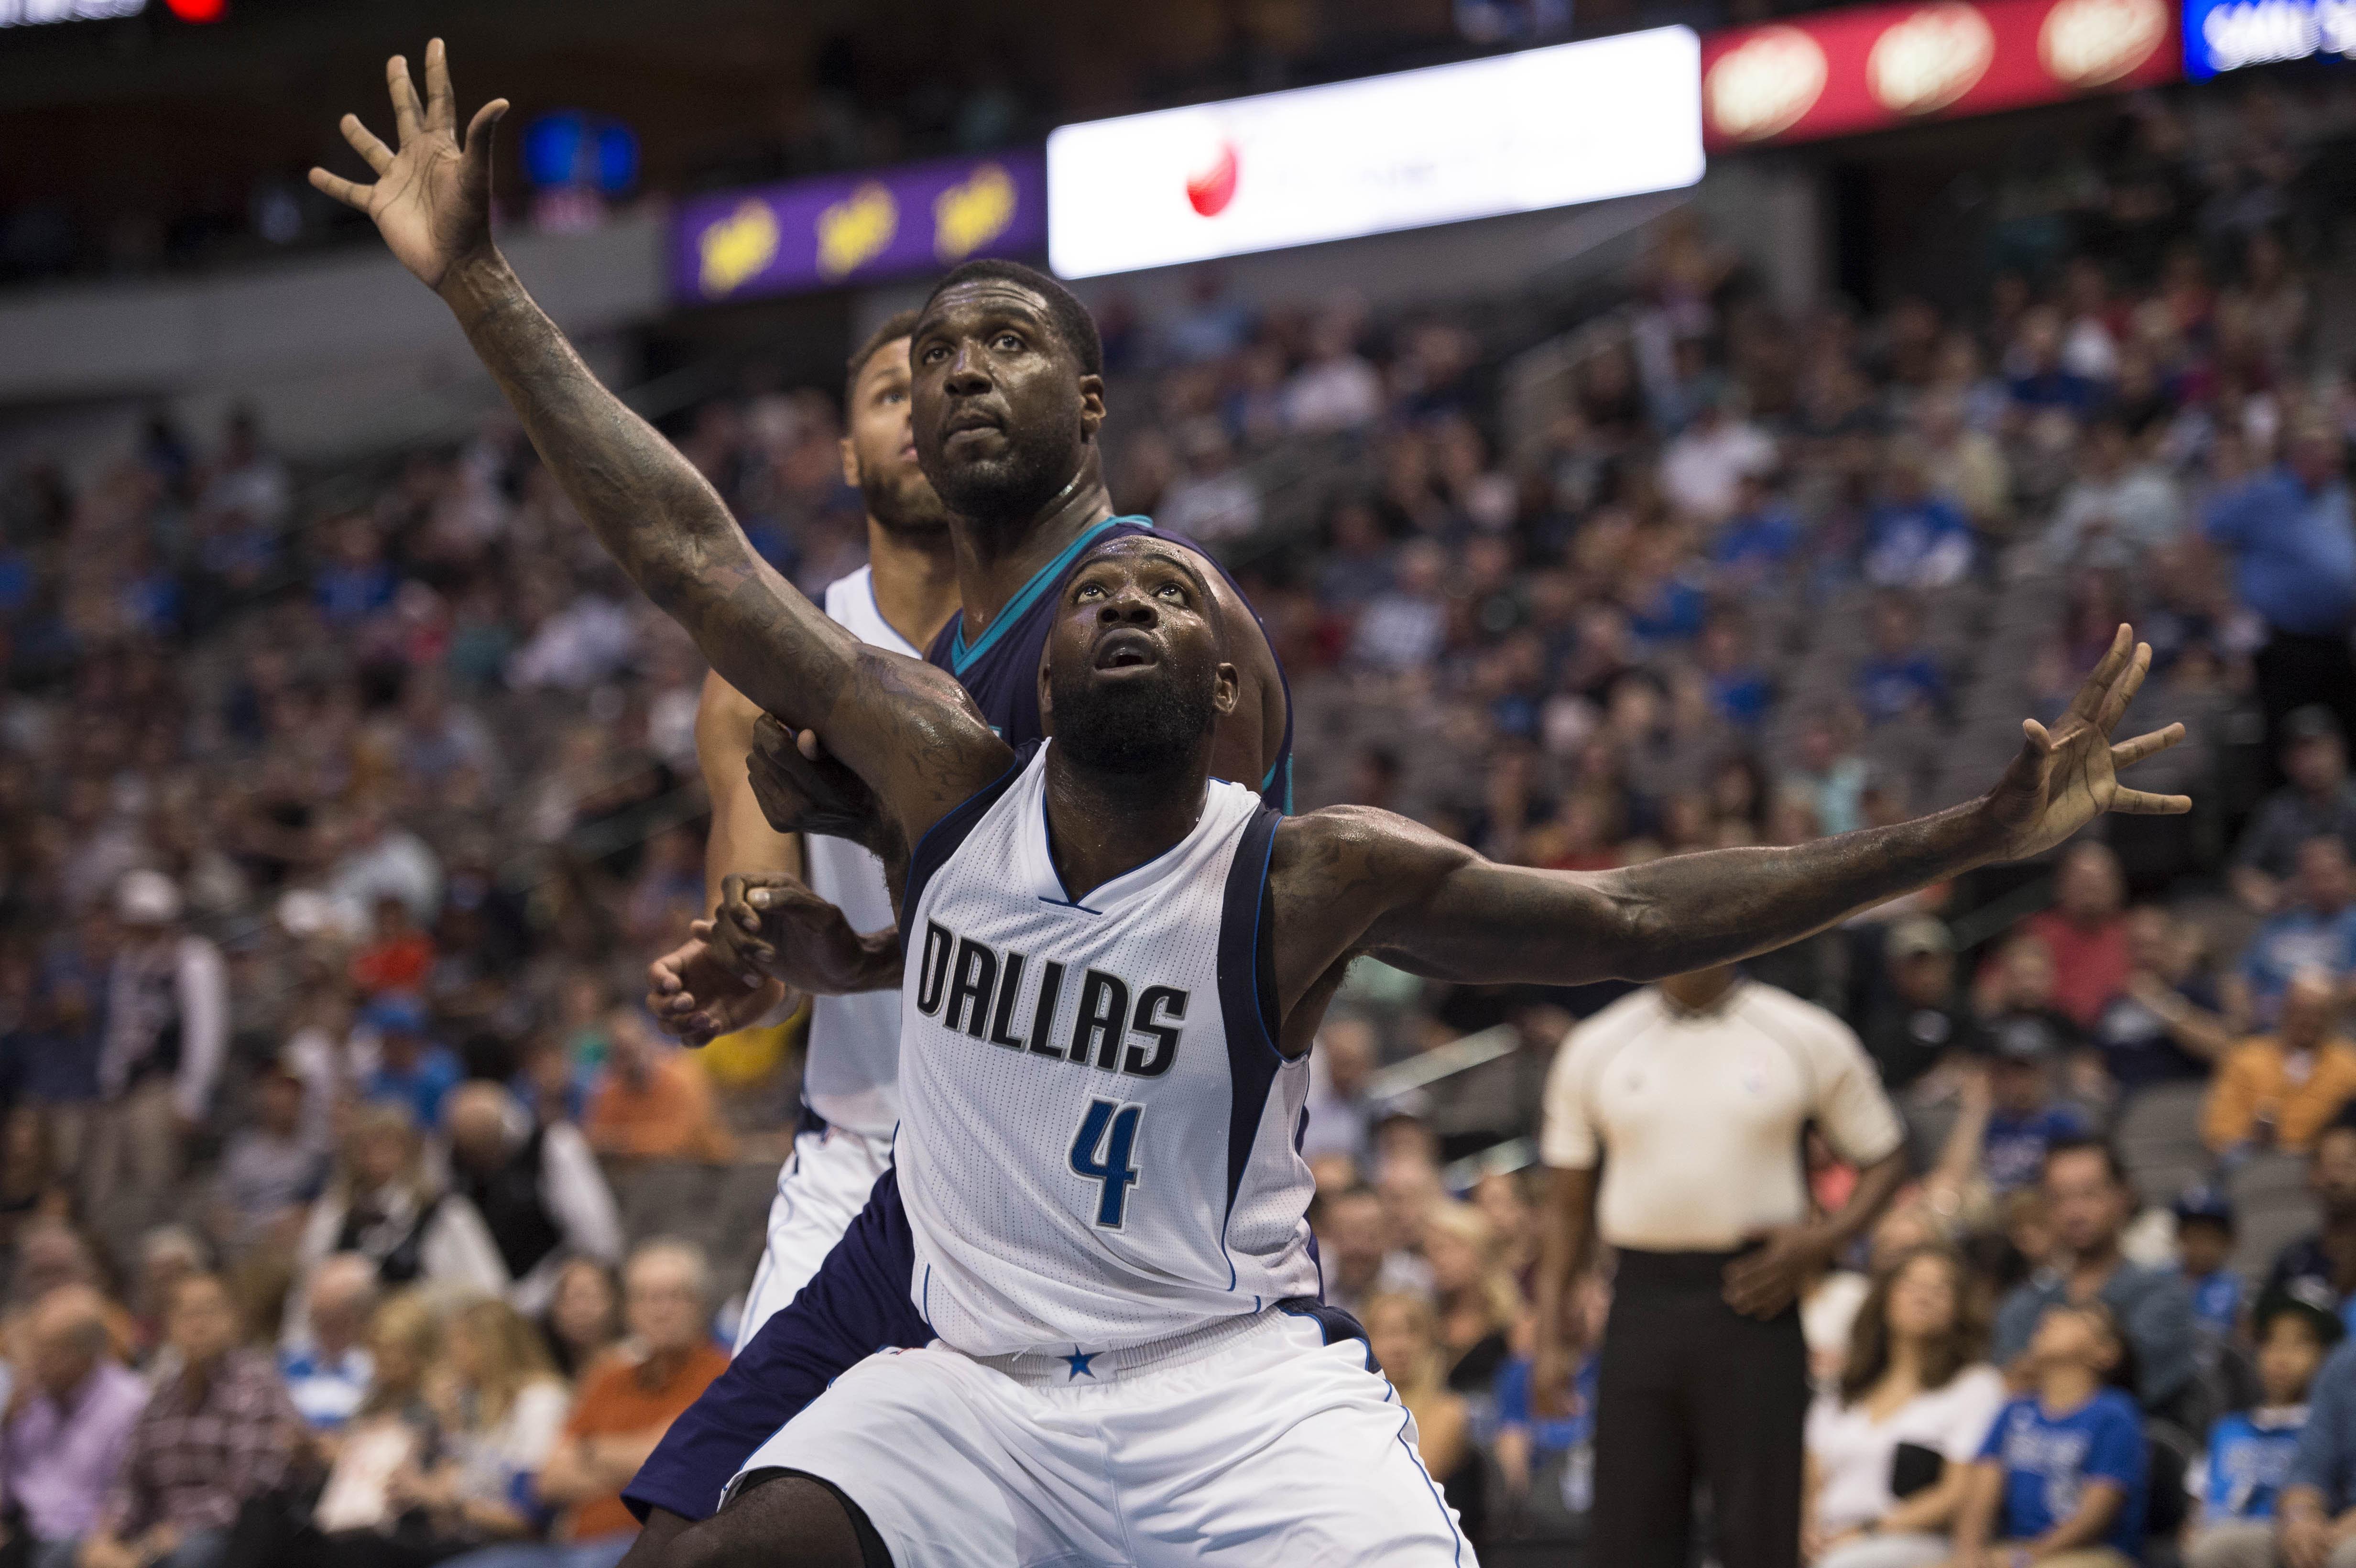 NBA: Preseason-Charlotte Hornets at Dallas Mavericks